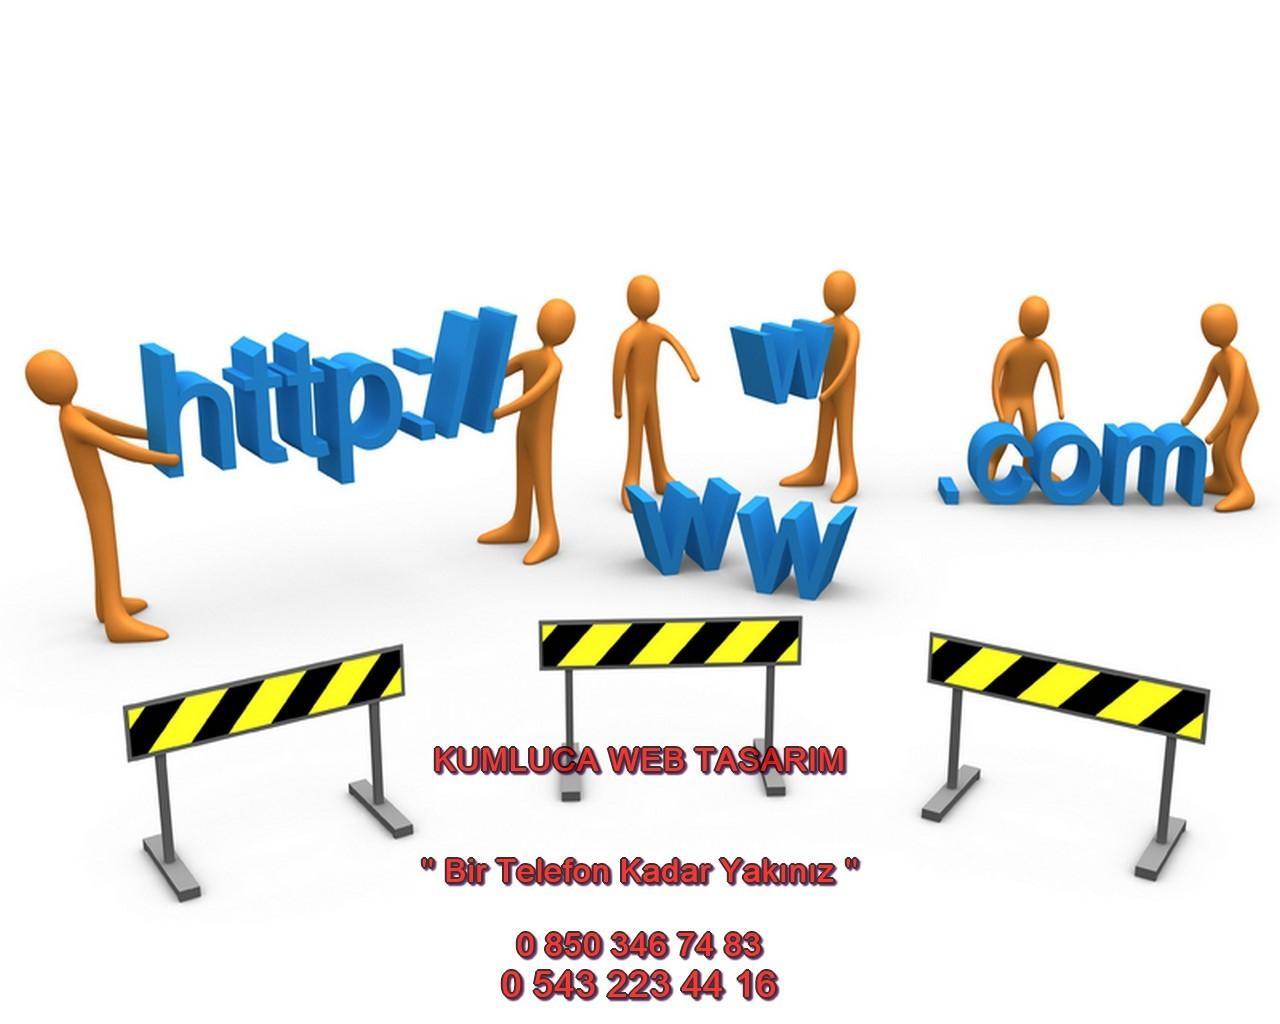 Kumluca Web Tasarım